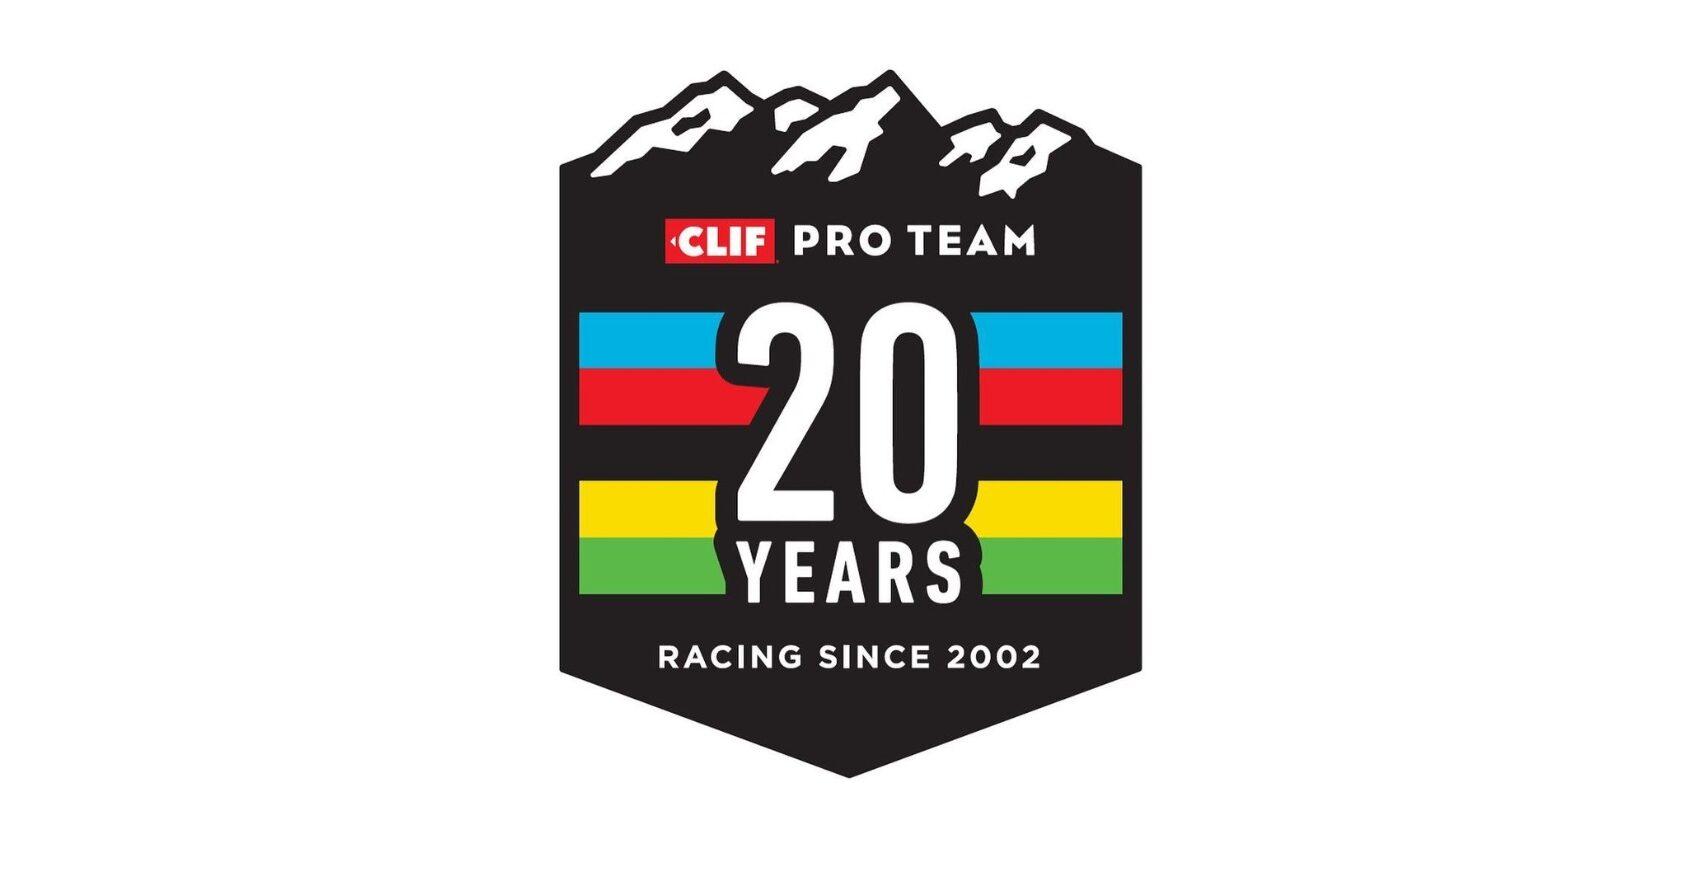 Piękna, dwudziestoletnia historia Clif Pro Team dobiega końca